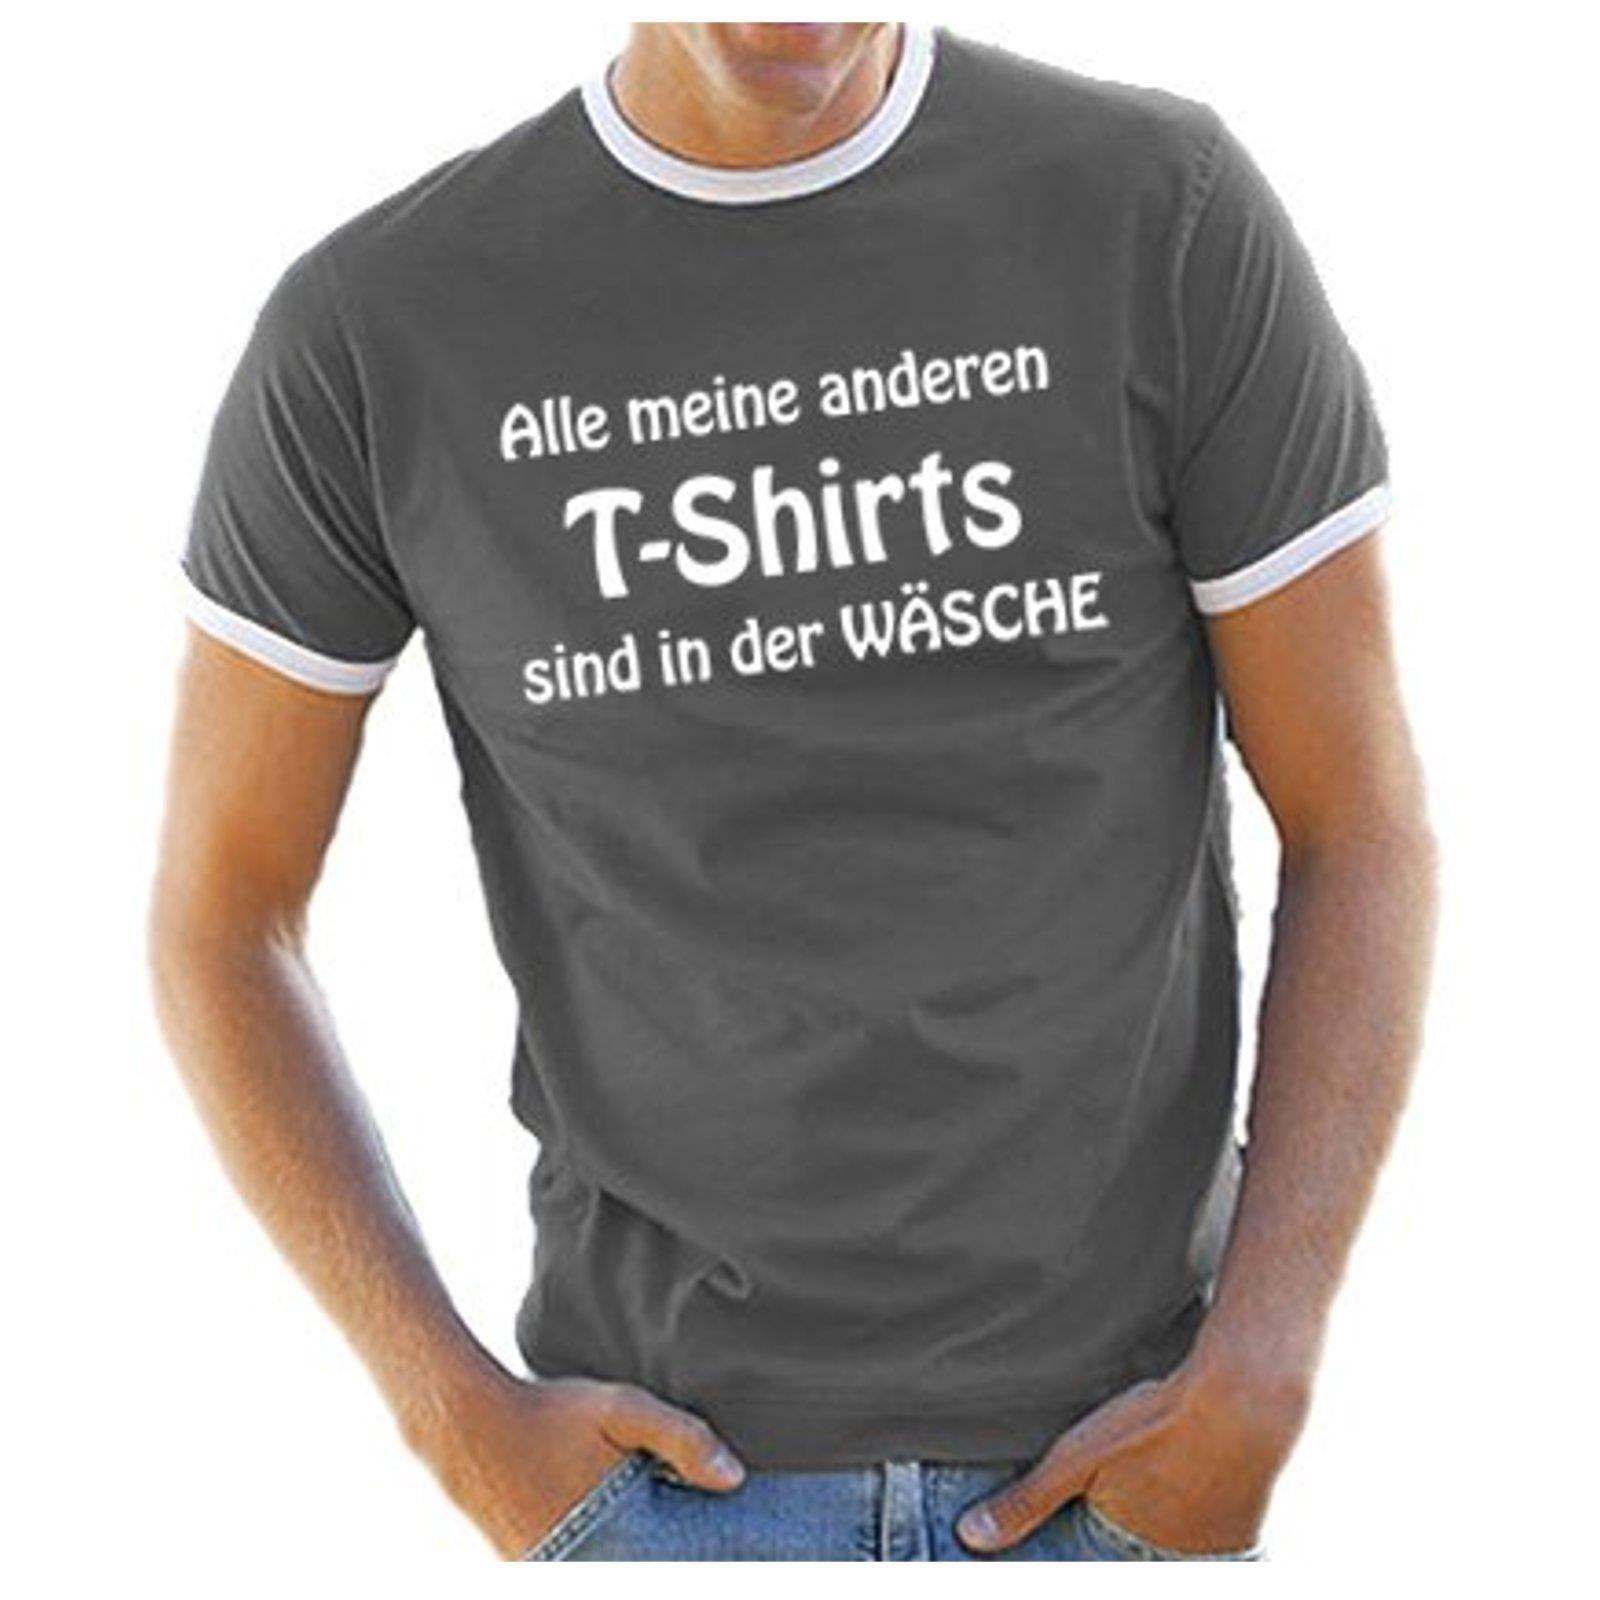 Lustige T Was Männer Guckst Zu Sprüche Sind Du So Kontrast Herren Details Shirt Ringer SUxIqES4w